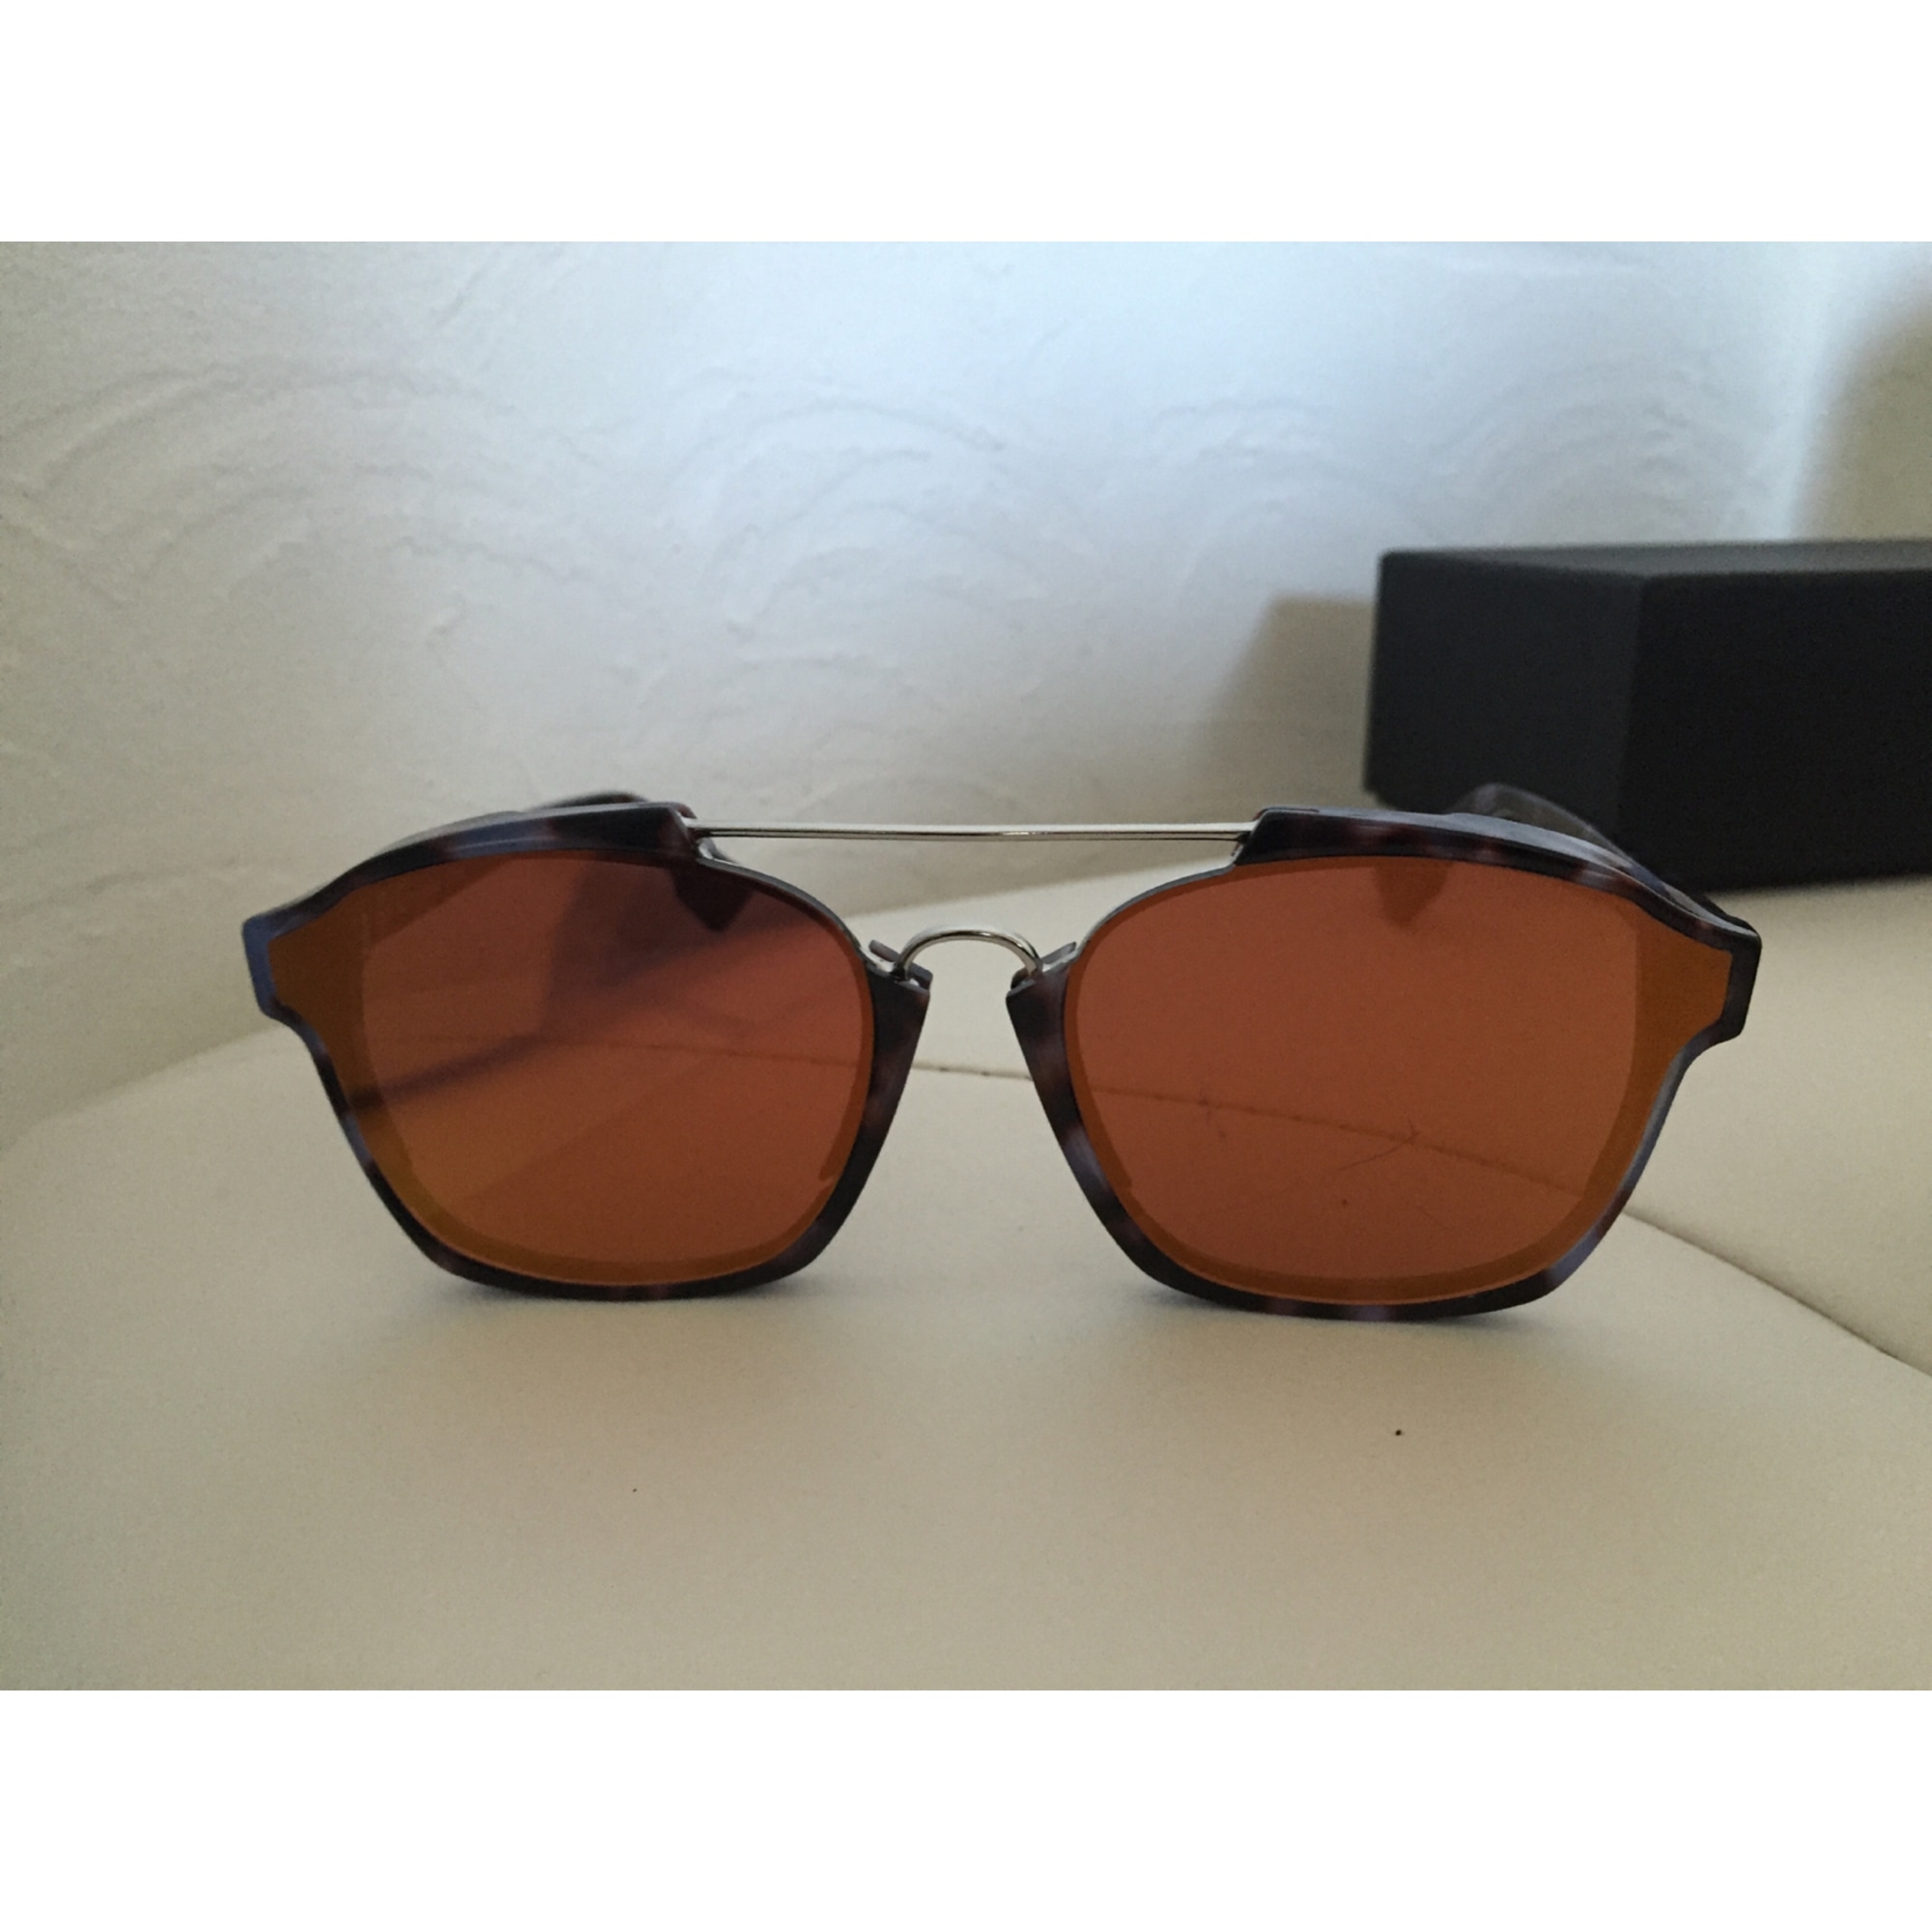 0cd5a358cdff72 Lunettes de soleil DIOR multicouleur vendu par La boutique de sofly ...